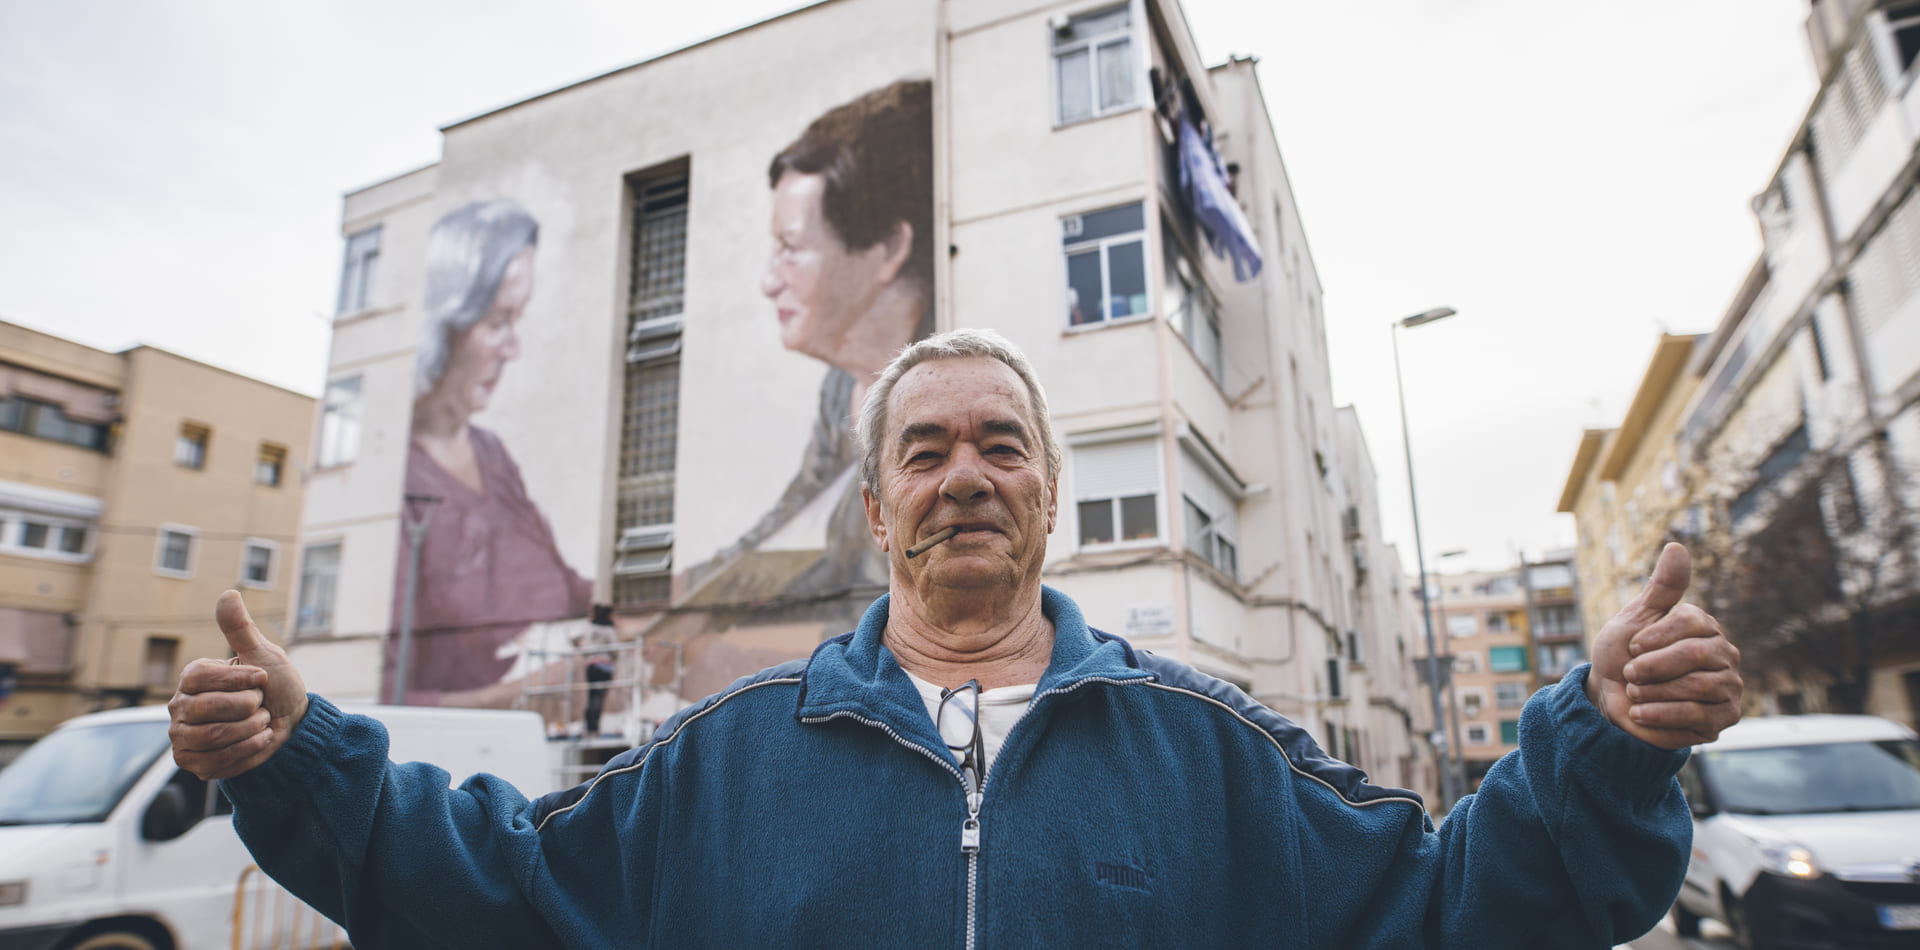 Mural comunitari Gent Gran per l'artista Elisa Capdevila, l'Hospitalet, 2019